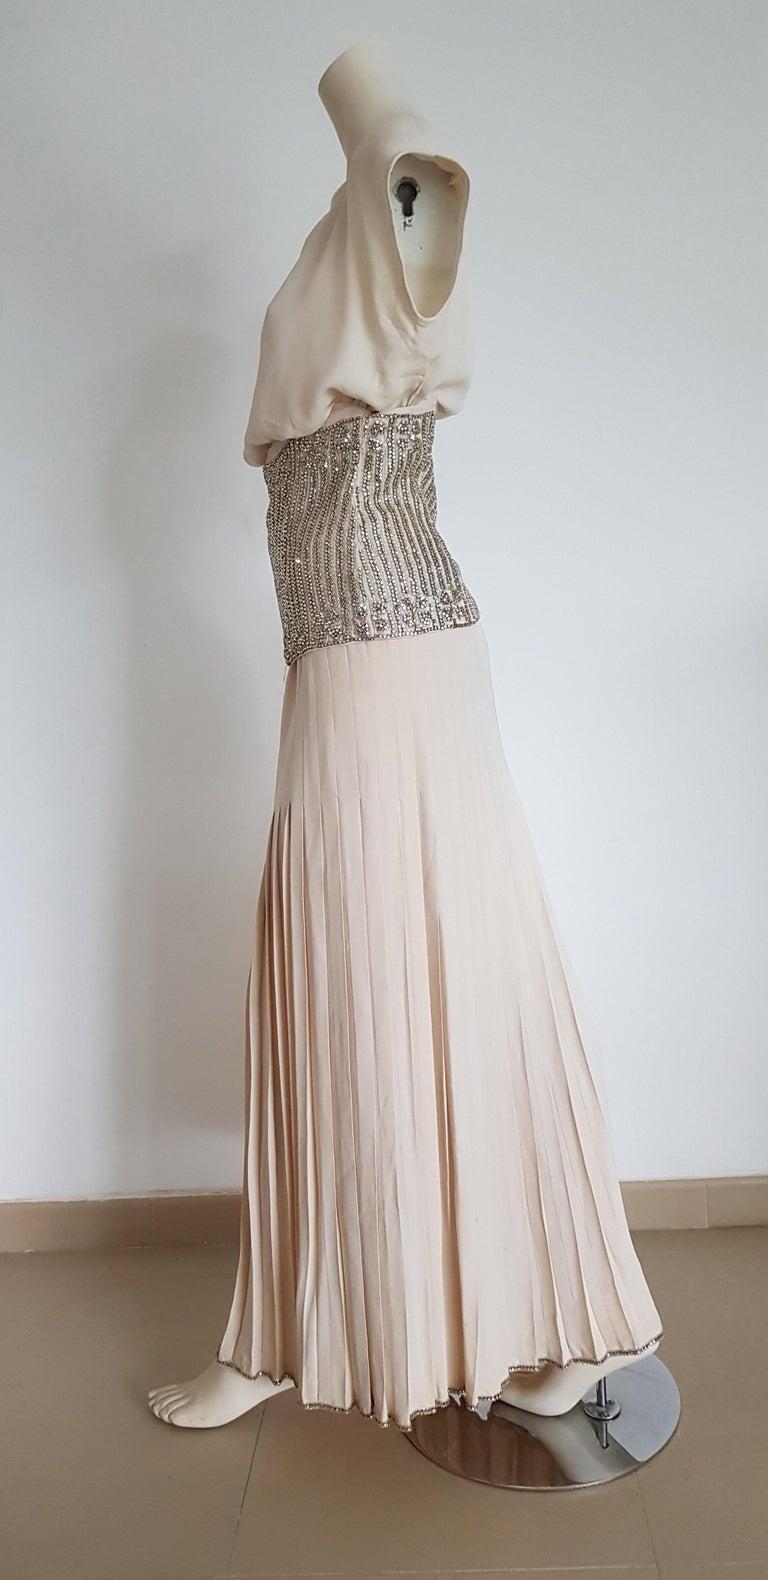 VALENTINO Haute Couture Top Skirt Swarovski Diamonds Waistband Silk Dress-Unworn In Excellent Condition For Sale In Somo (Santander), ES